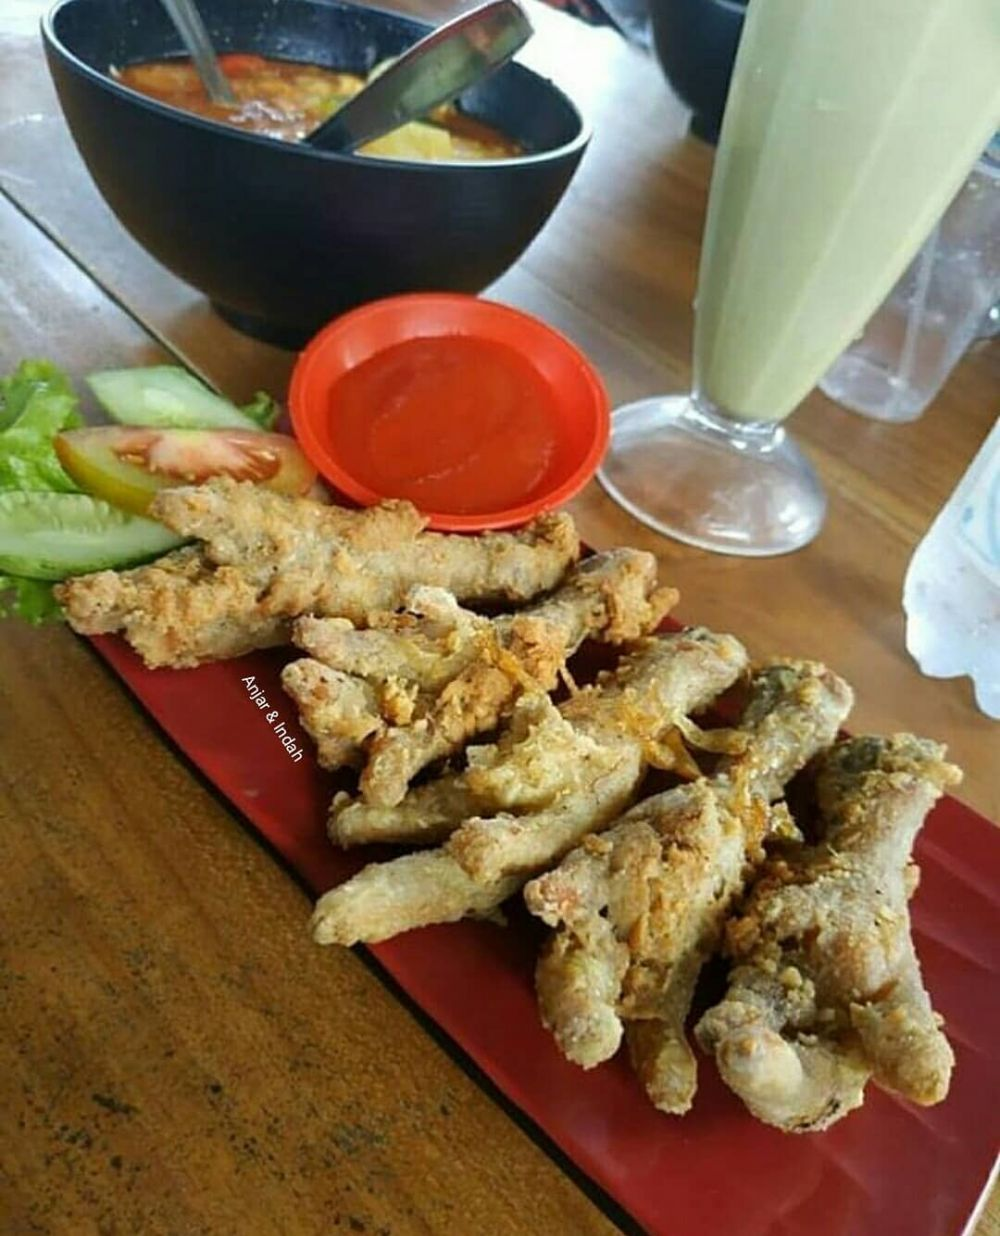 17 Resep olahan ceker ayam paling enak, praktis dan menggugah selera Instagram